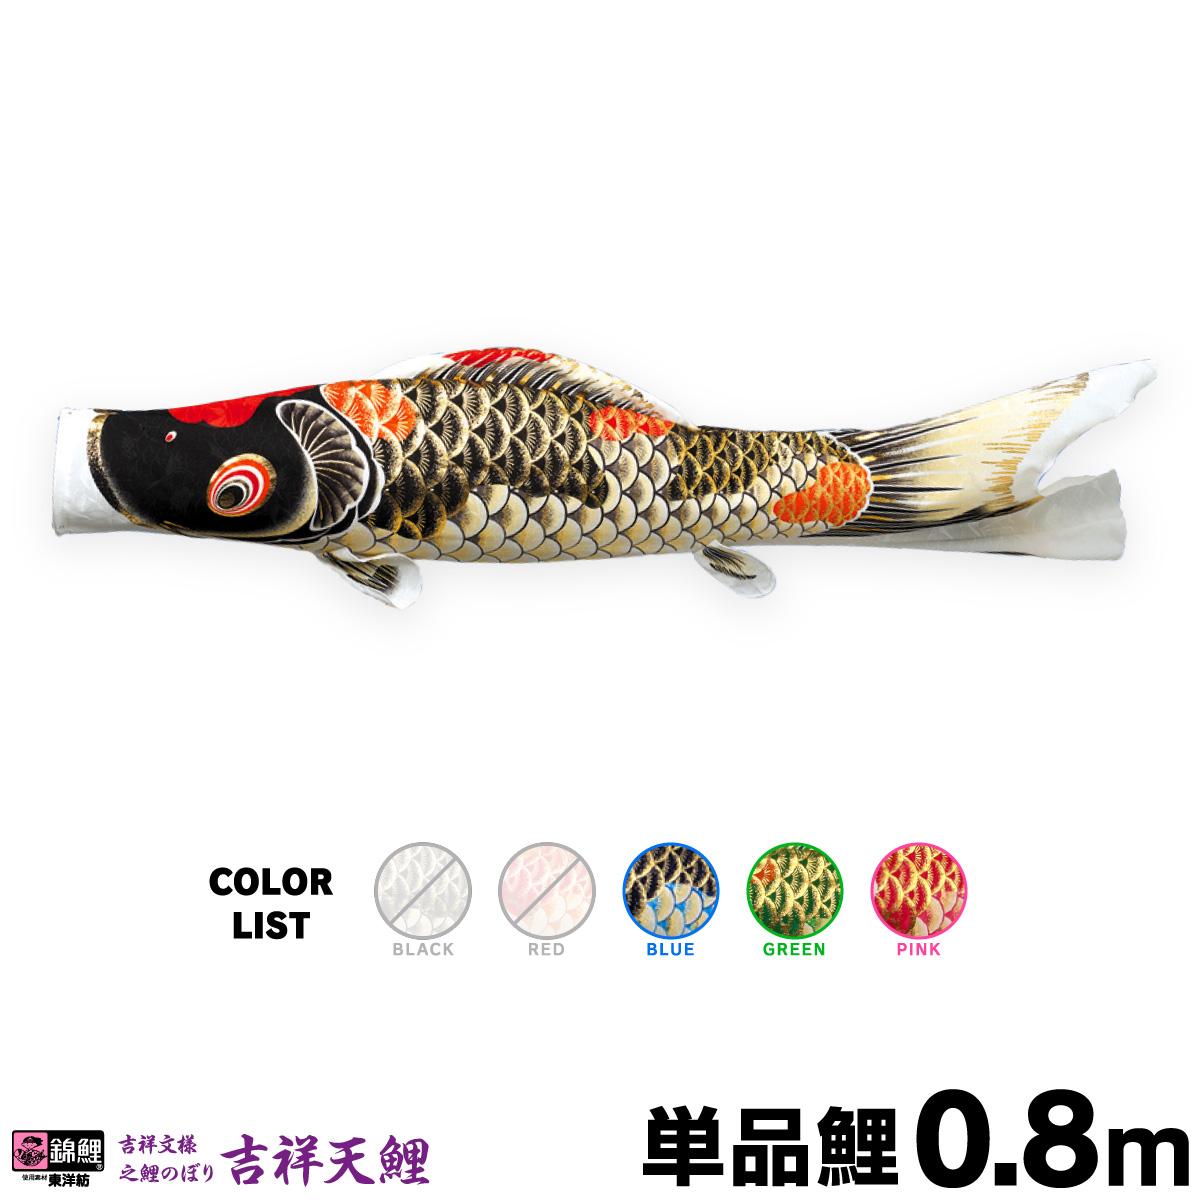 【こいのぼり 単品】 吉祥天 0.8m 単品鯉